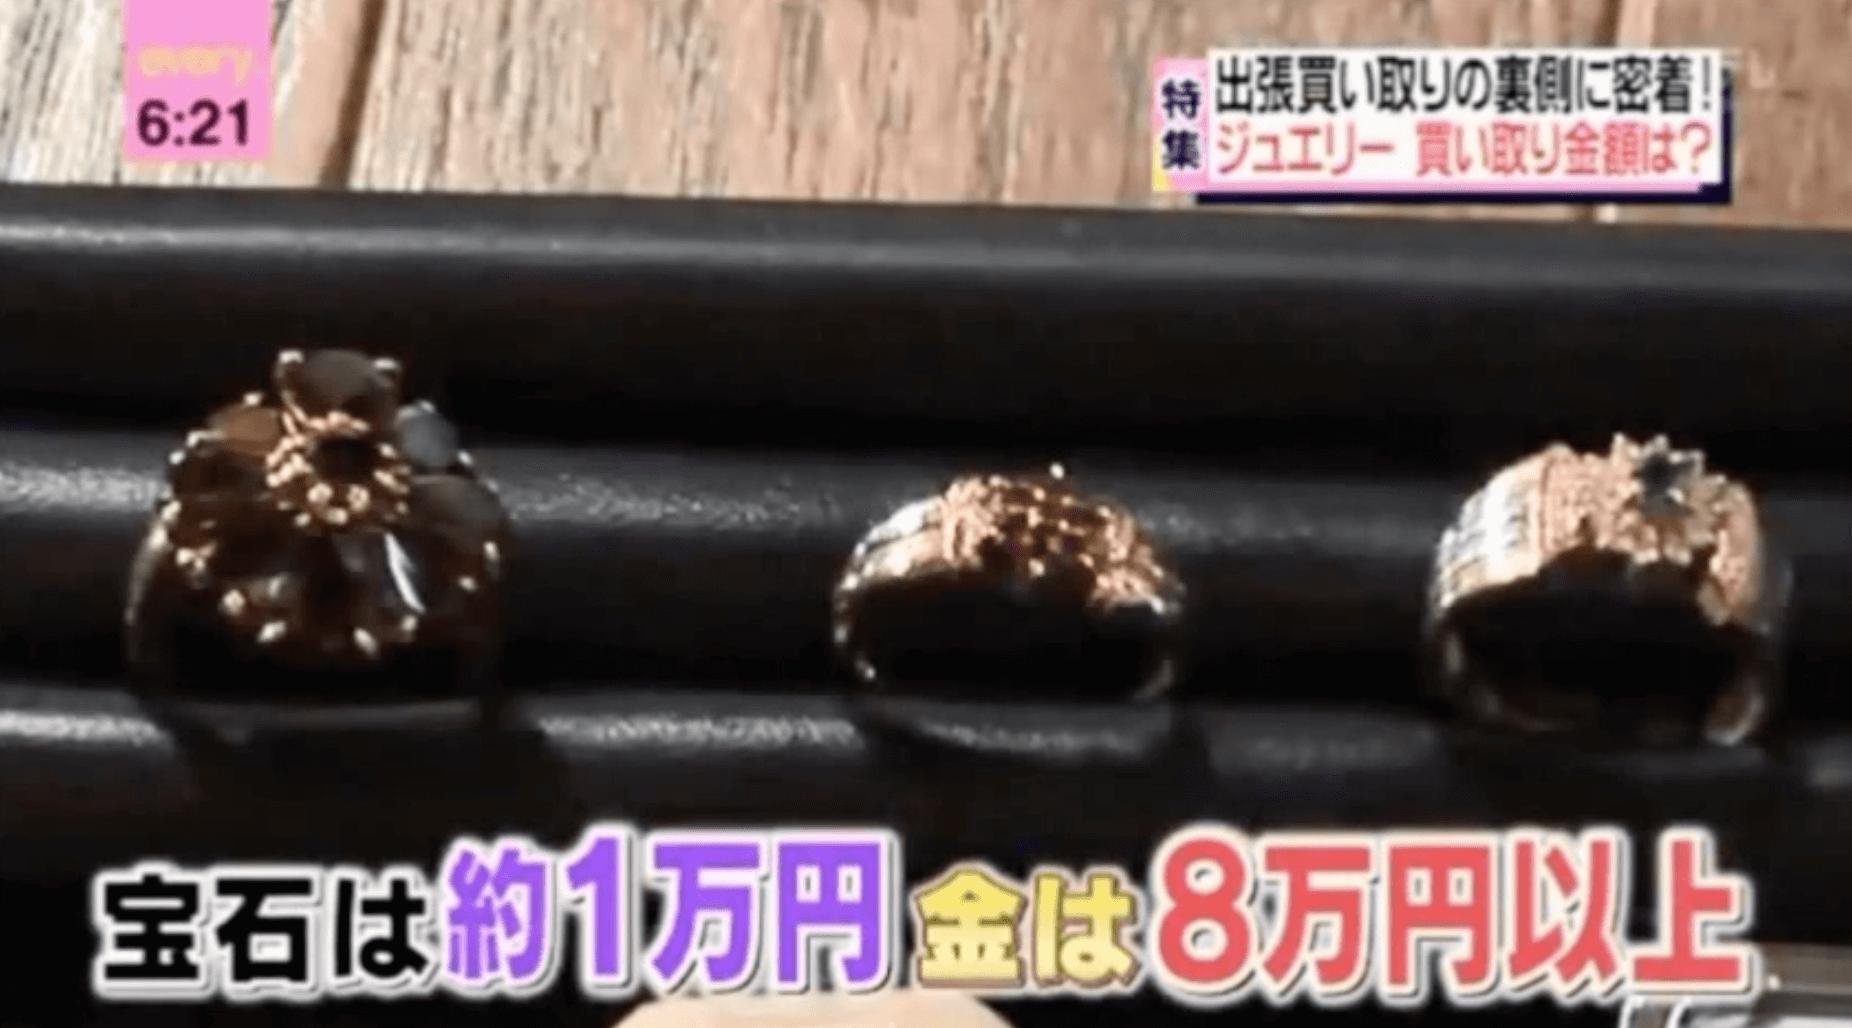 宝石が1万円、金は8万円